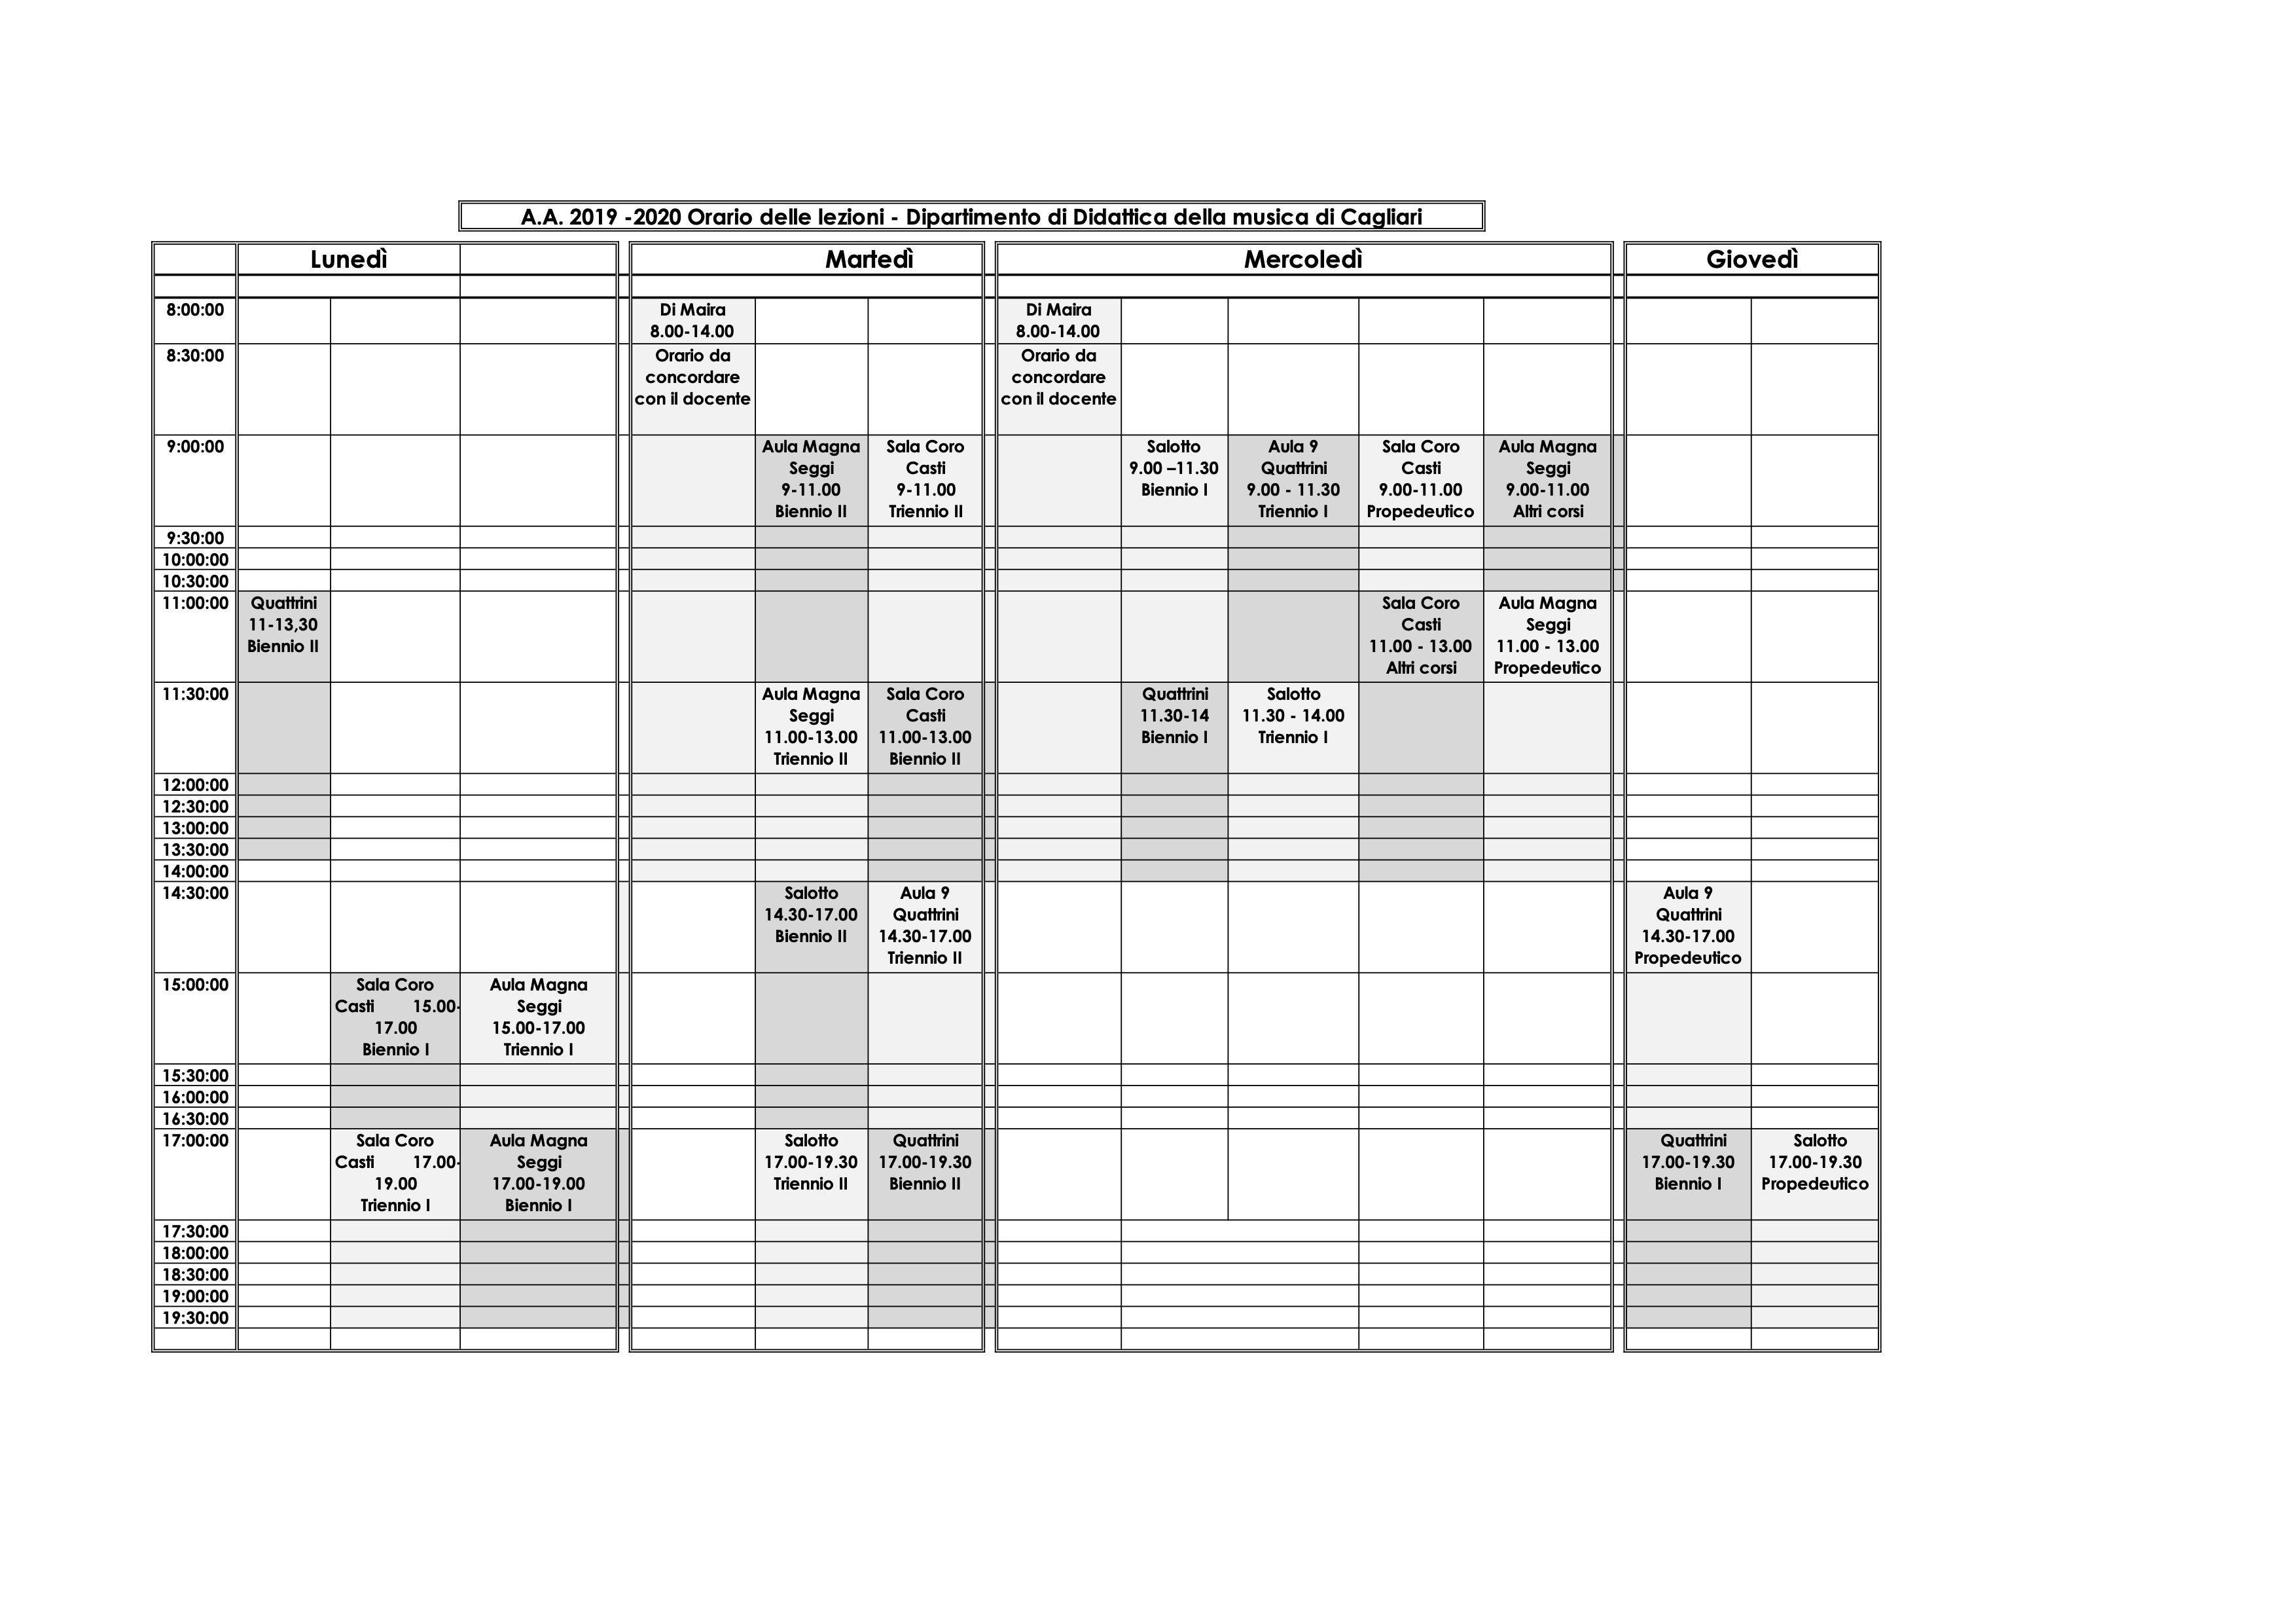 orario-generale-didattica-2020-21-xls-modalita-compatibilita